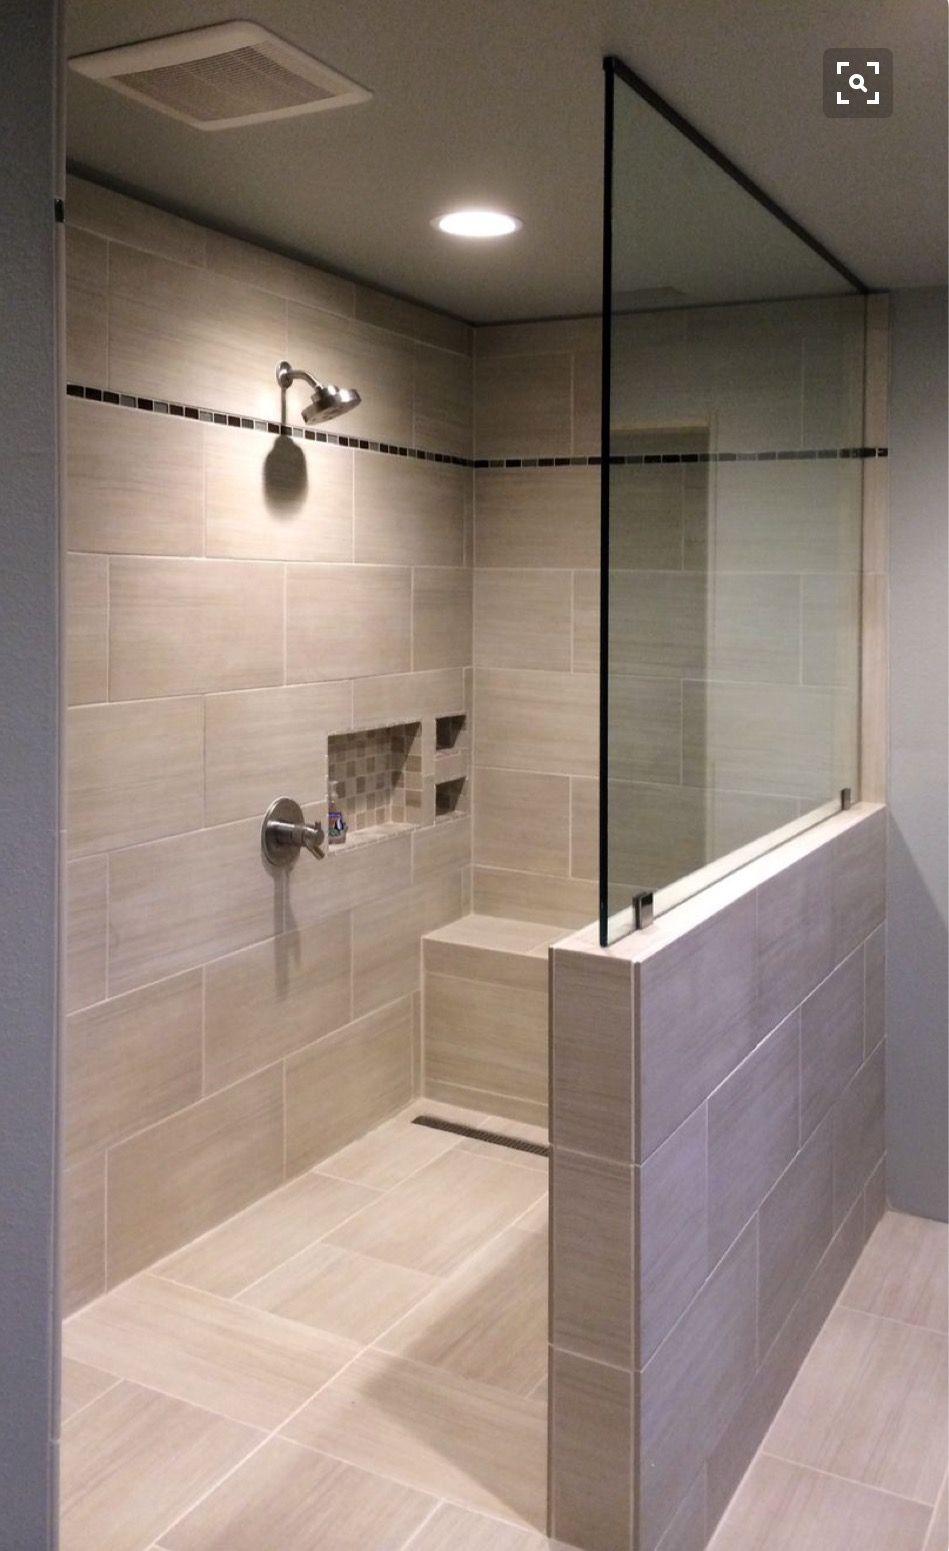 demi mur et demi vitre salle de bain en 2018 pinterest salle de bain salle et d coration. Black Bedroom Furniture Sets. Home Design Ideas